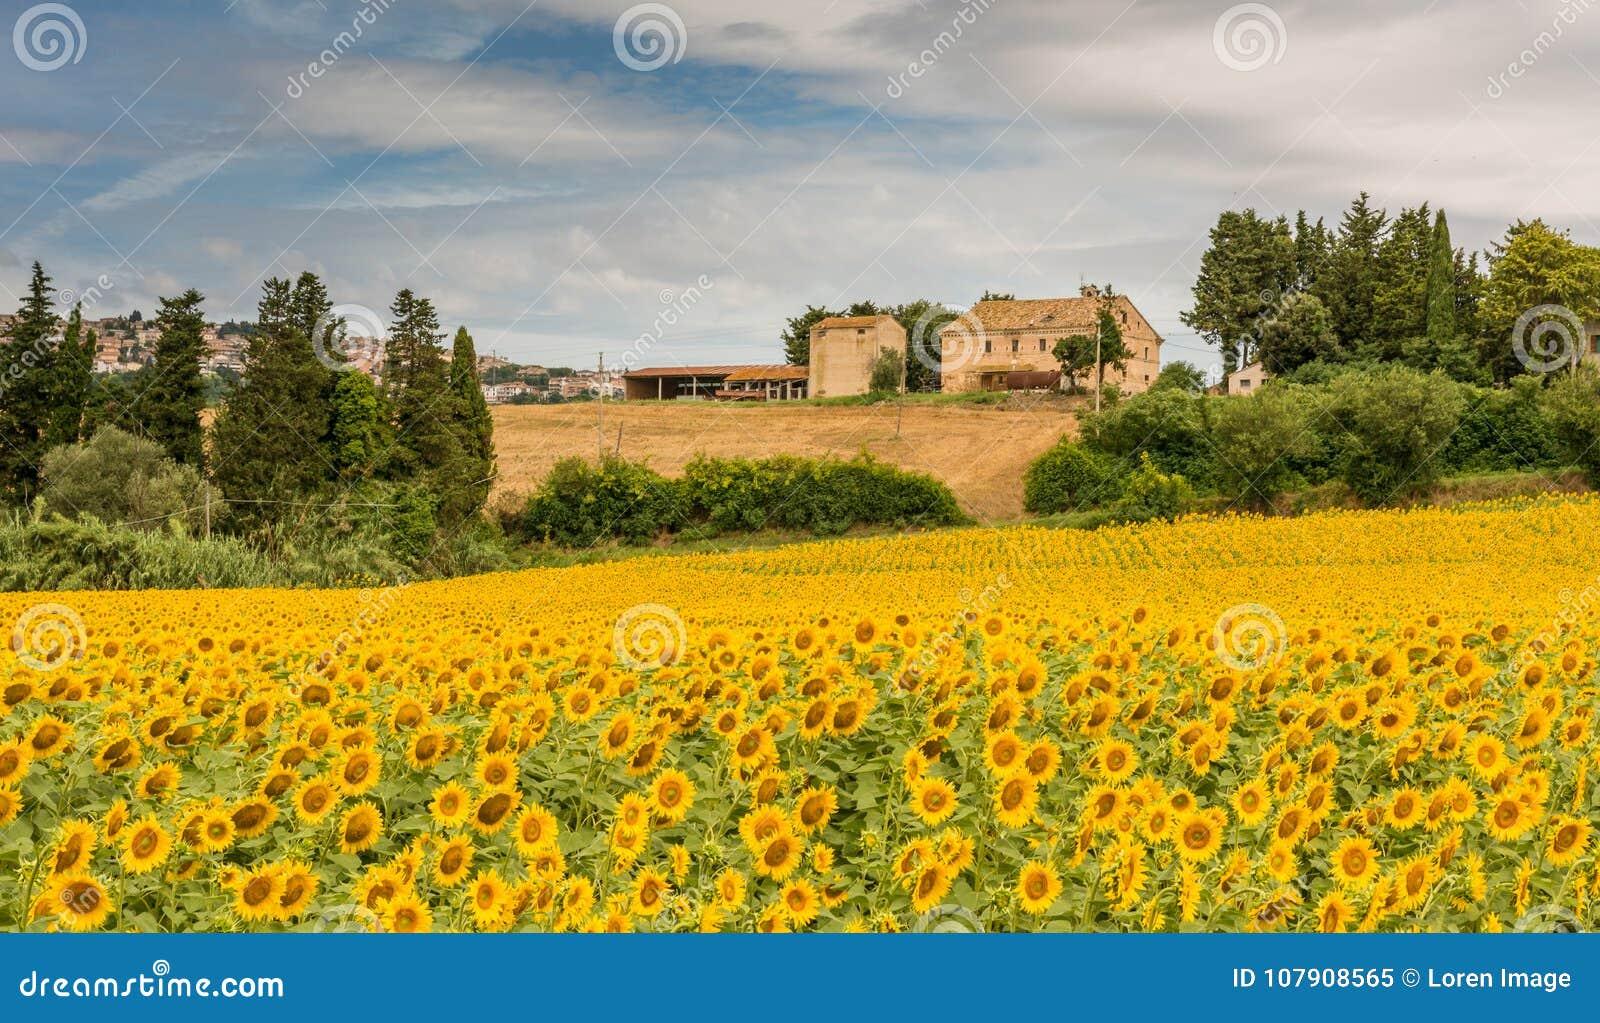 Paisagem rural do verão com campos do girassol e campos verde-oliva perto de Porto Recanati na região de Marche, Itália